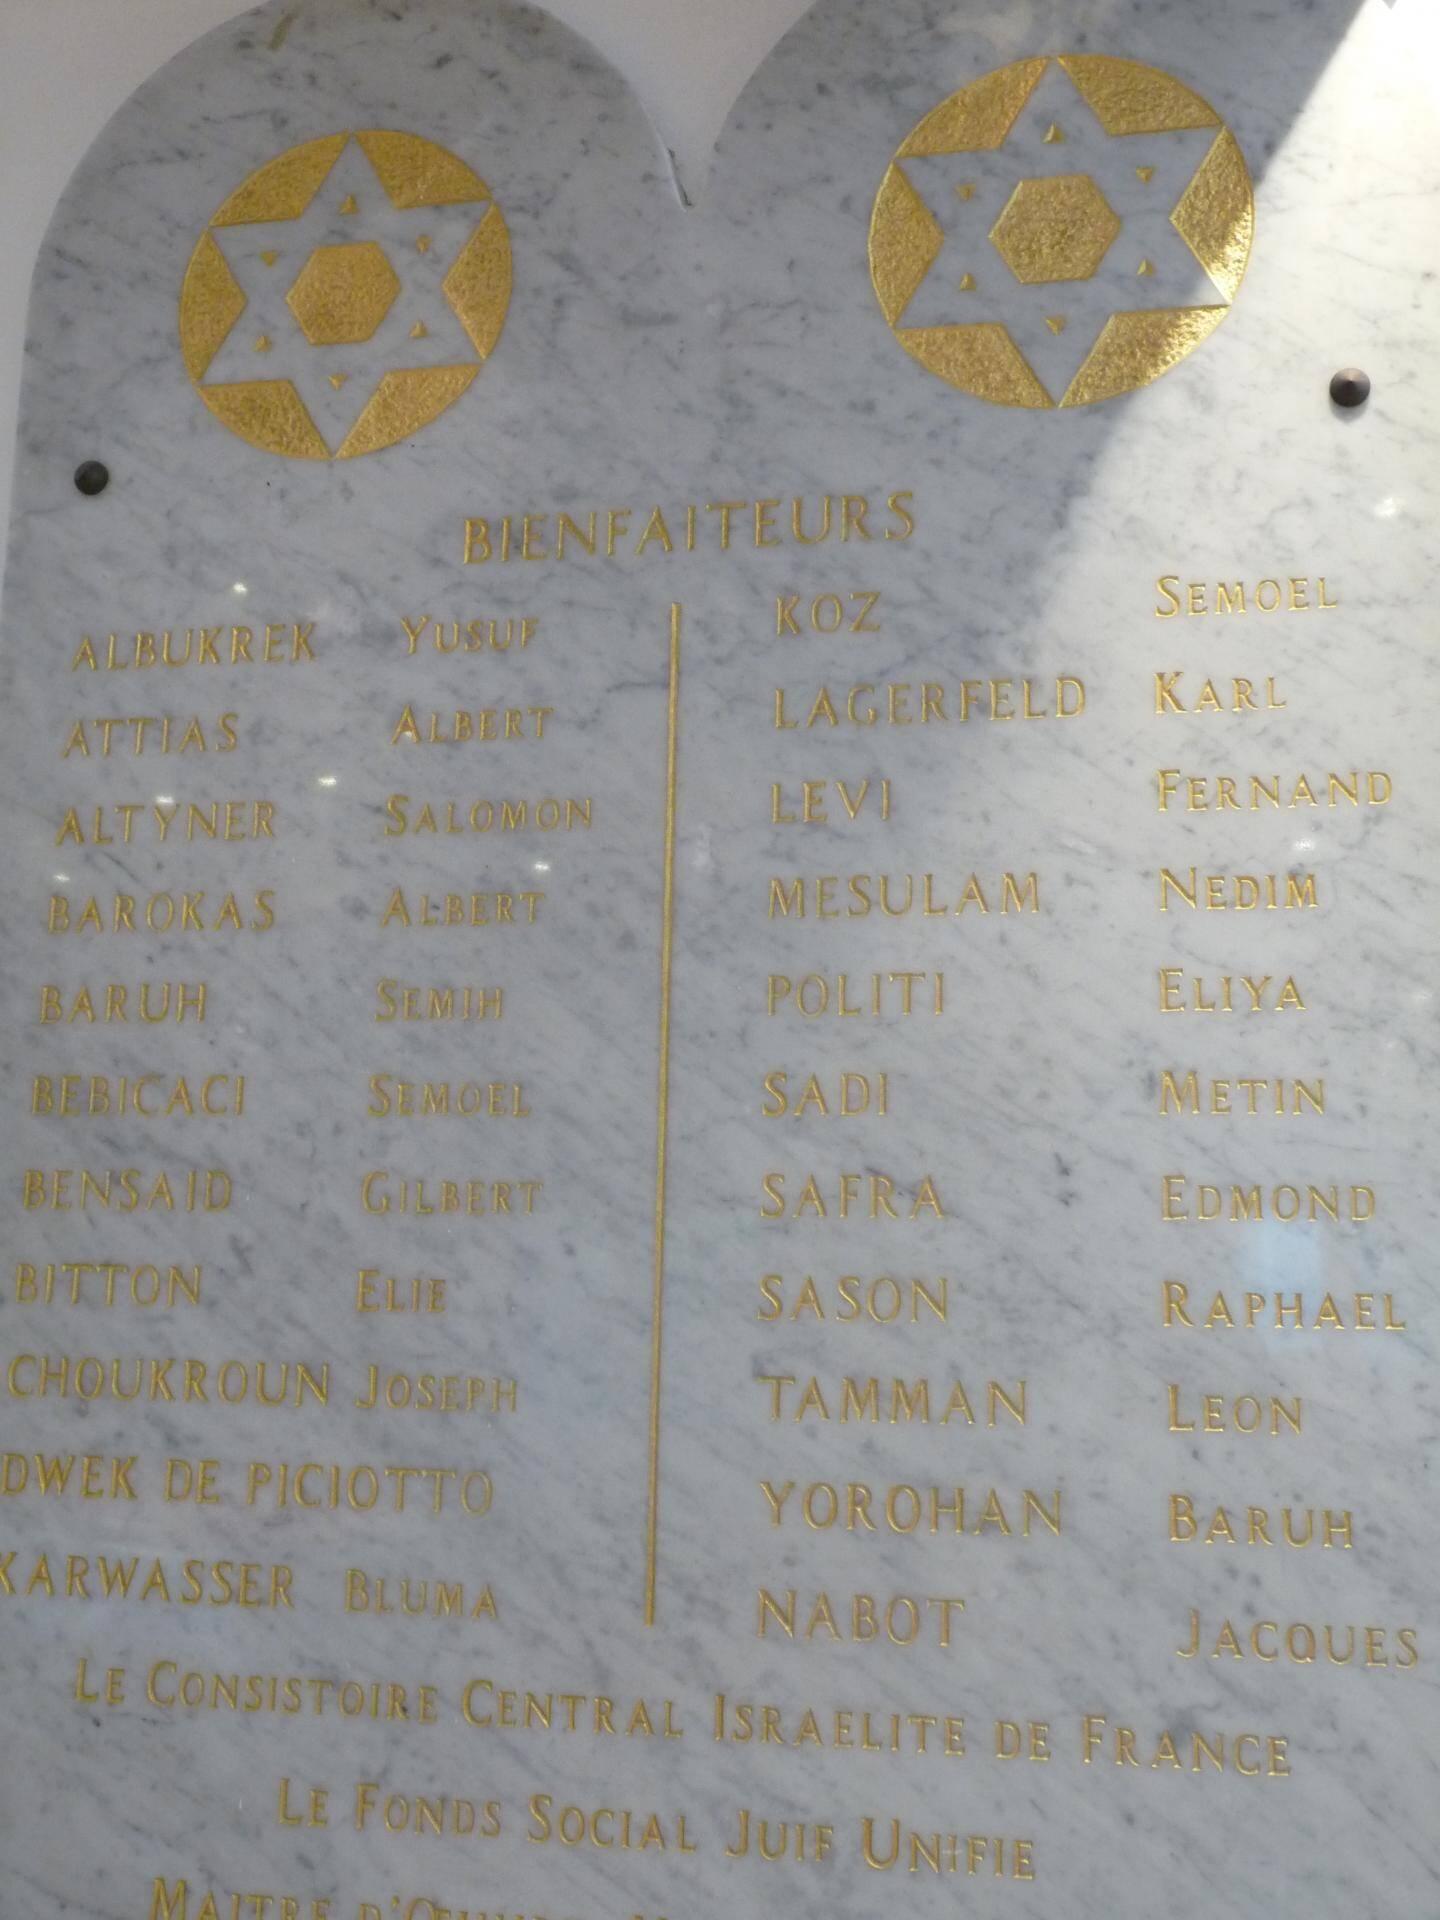 La plaque en marbre, où figure le nom de Karl Lagerfeld, trône à l'entrée de la synagogue de Menton.